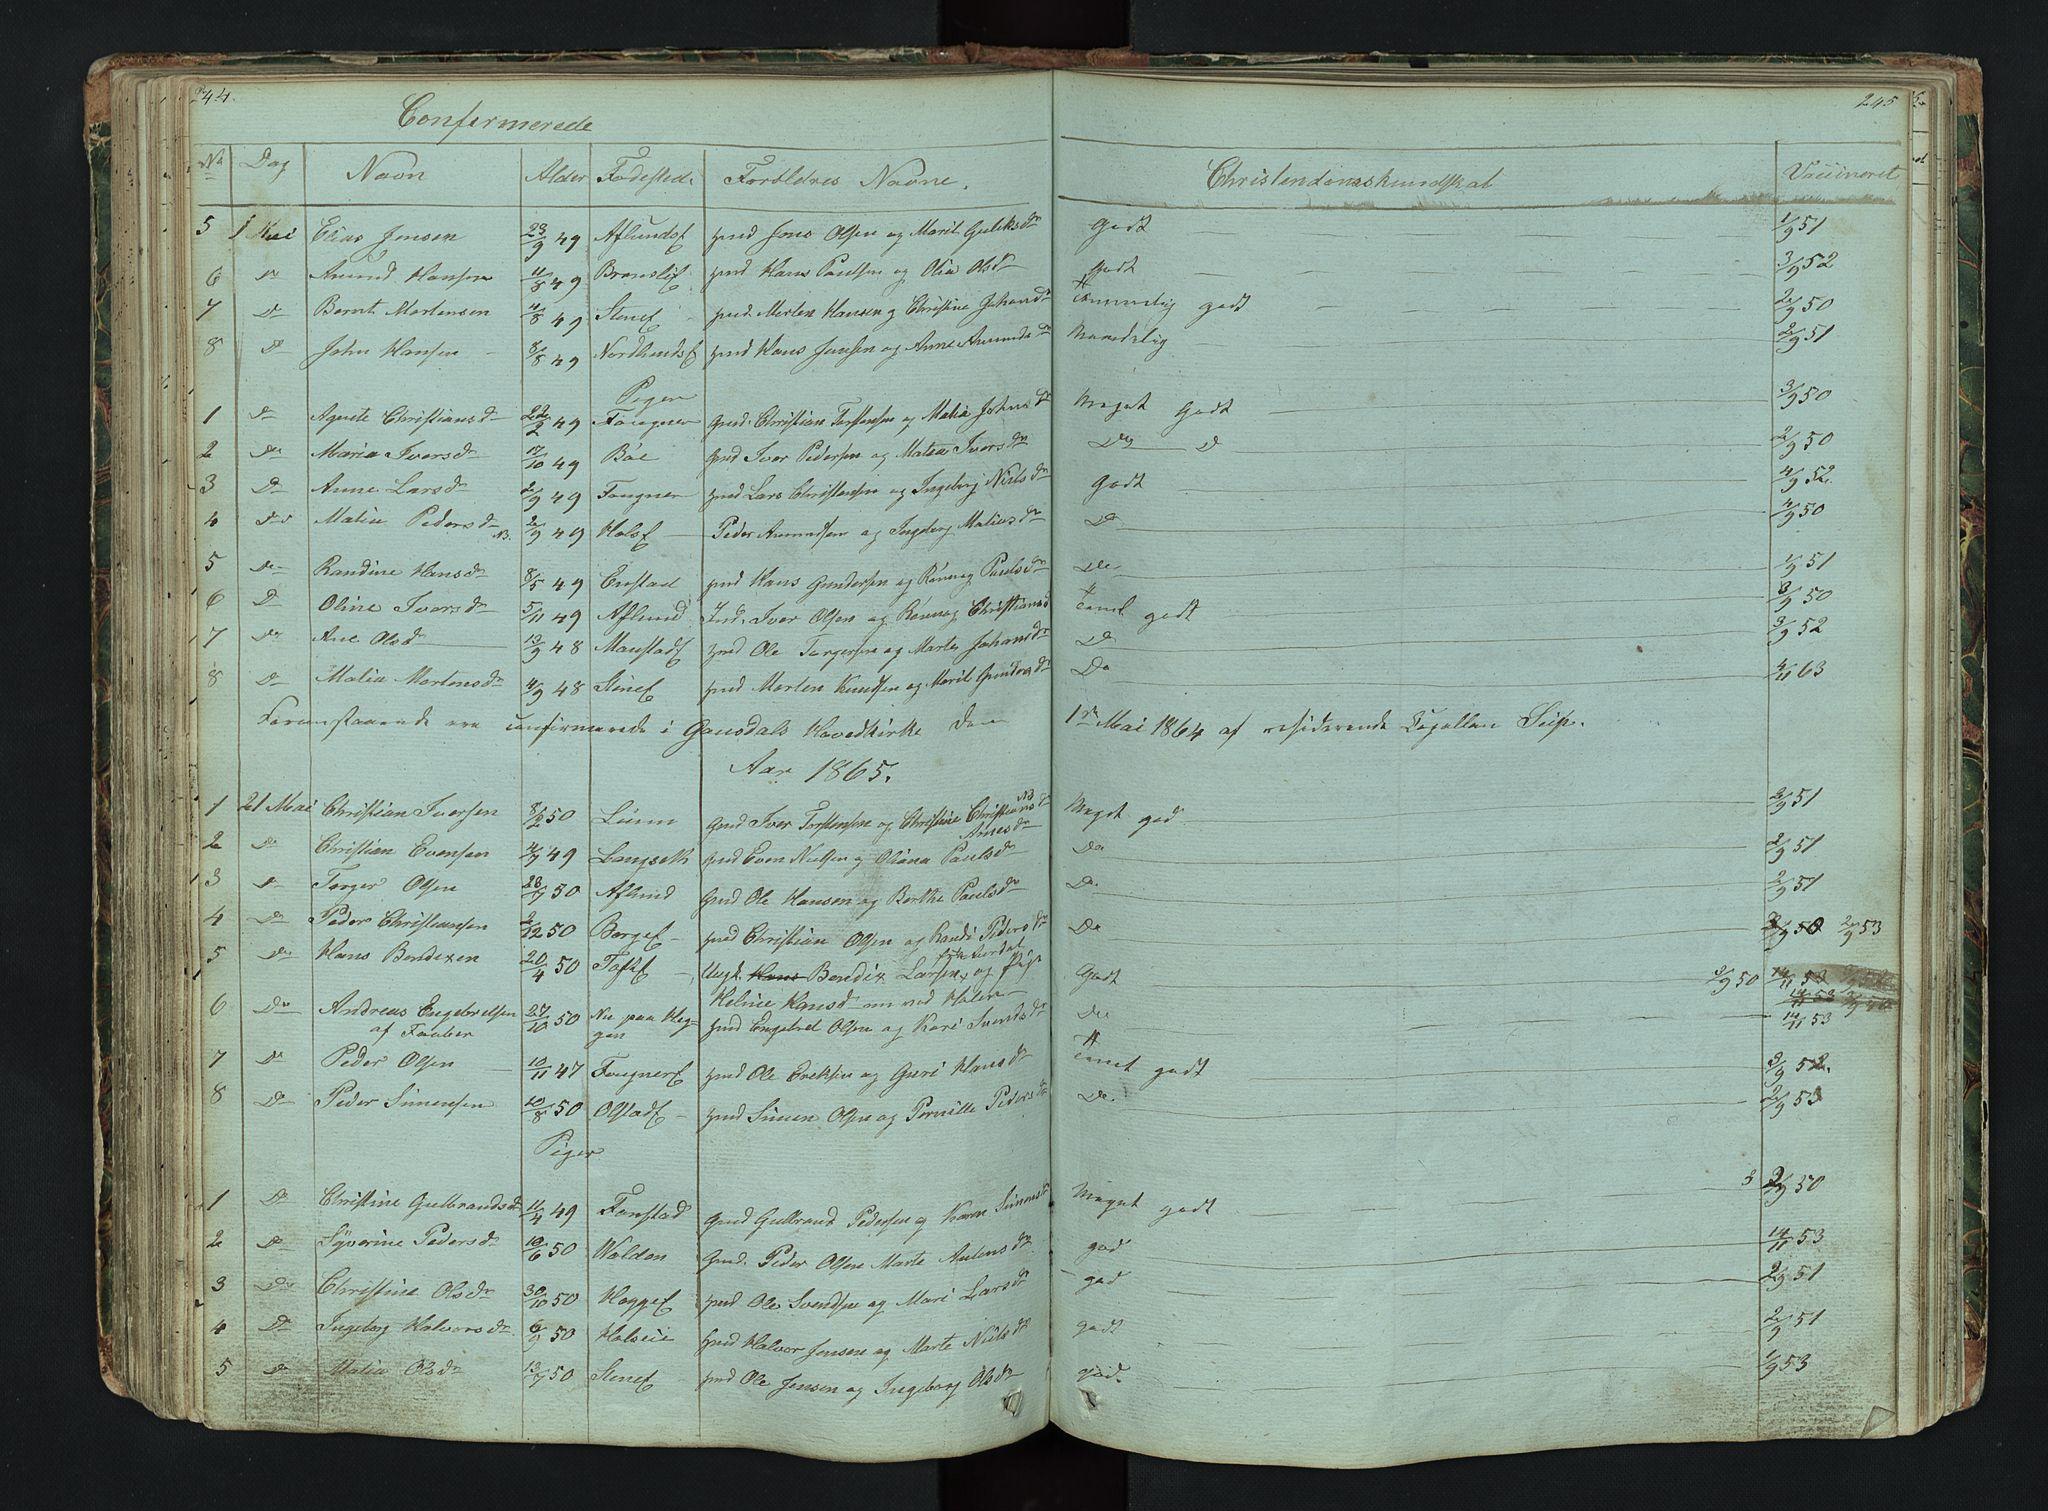 SAH, Gausdal prestekontor, Klokkerbok nr. 6, 1846-1893, s. 244-245